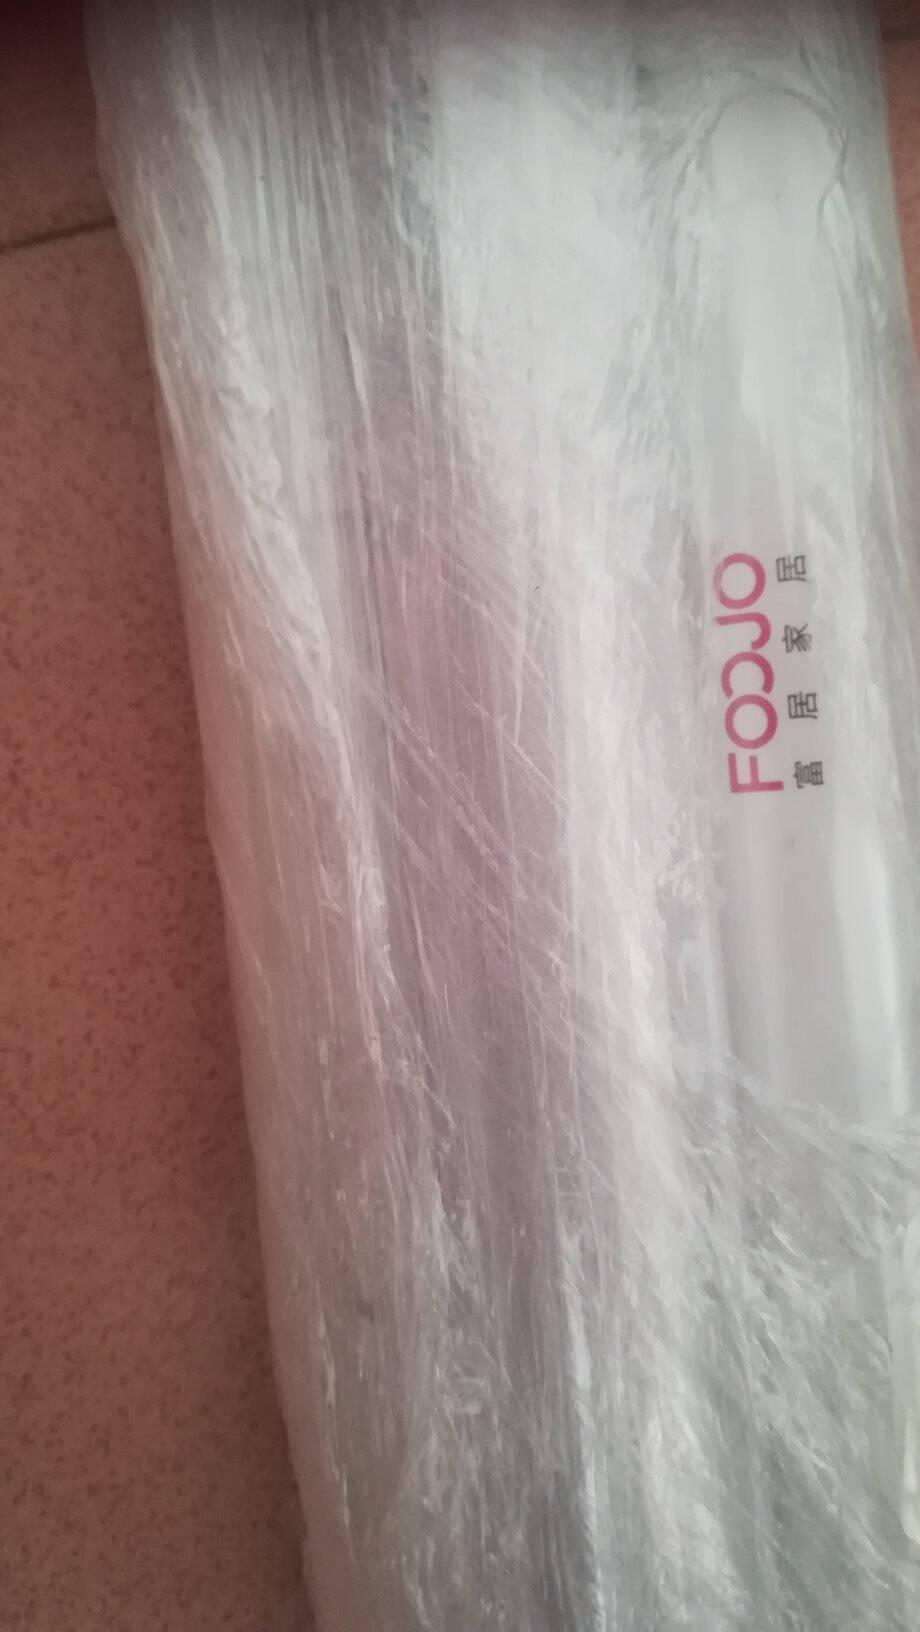 墨斗鱼玻璃贴膜90*200cm静电玻璃贴纸不留胶窗花卫生间浴室厨房餐厅隔热透光不透明防晒白磨砂